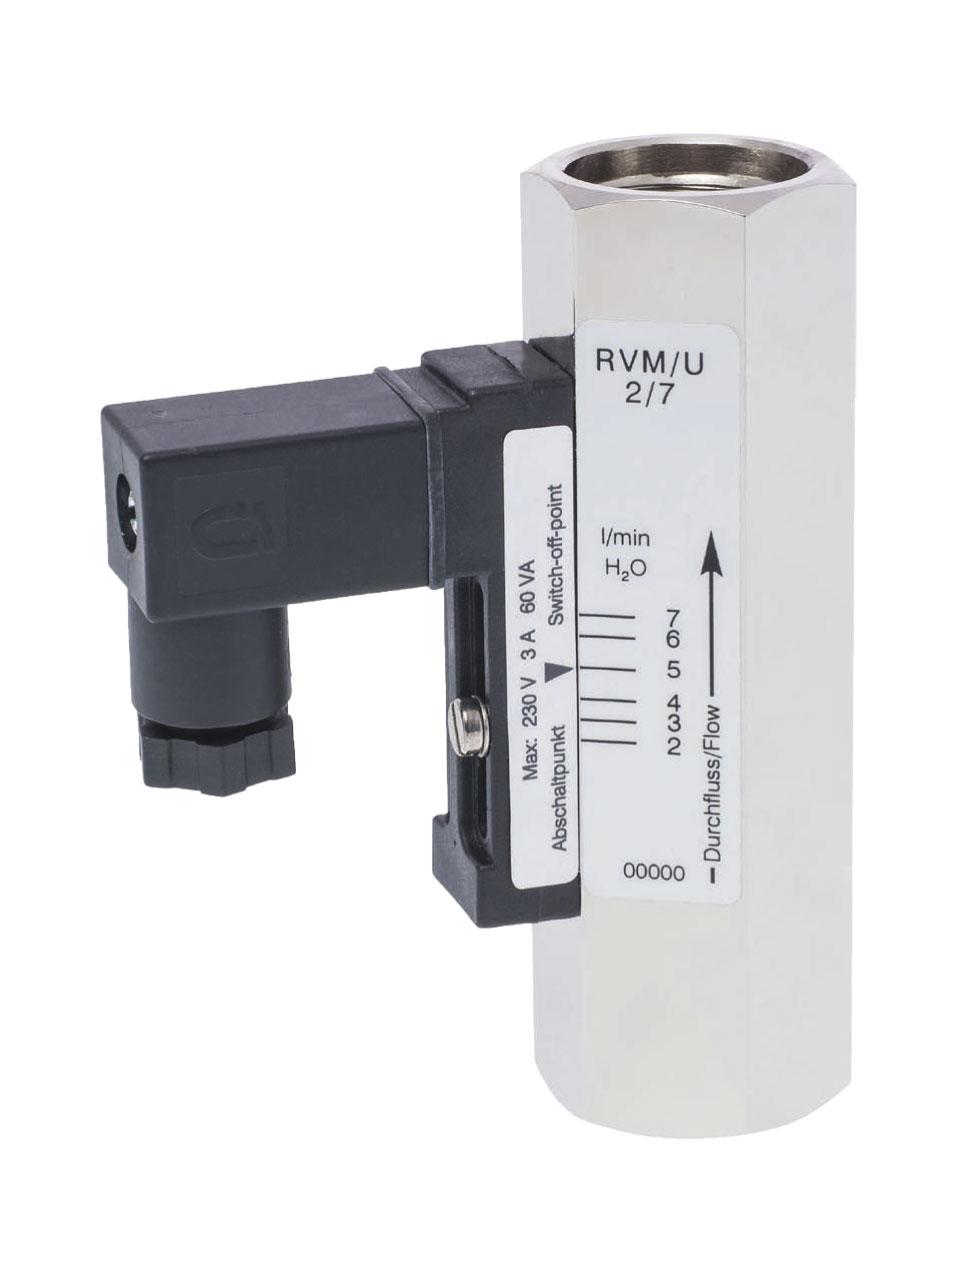 Meister-Monitores-de-caudal-completamente-metalicos-RVMU-2